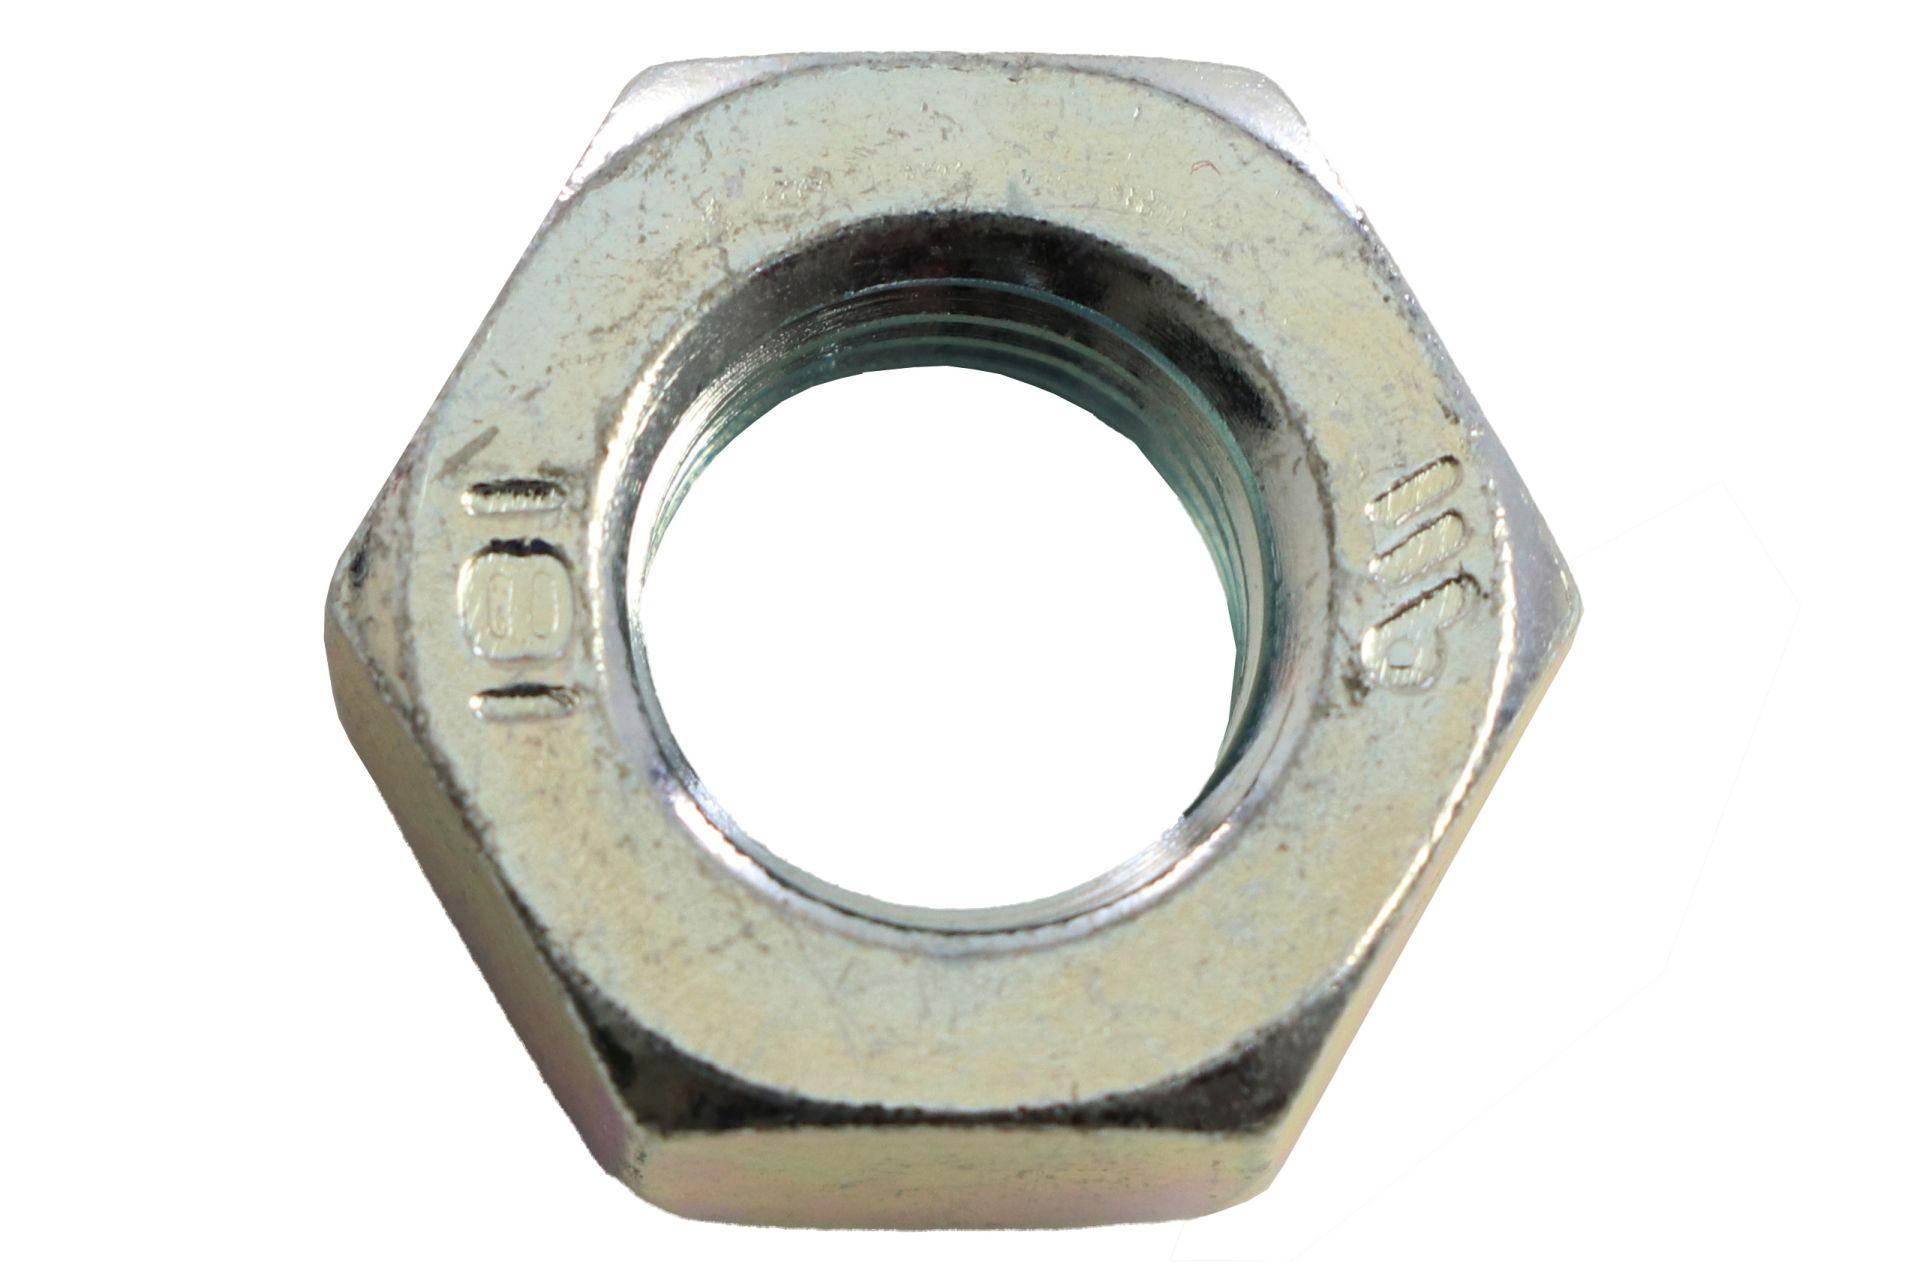 REYHER Sechskantmuttern galvanisch verzinkt, DIN 934 8, M10, 100 Stück